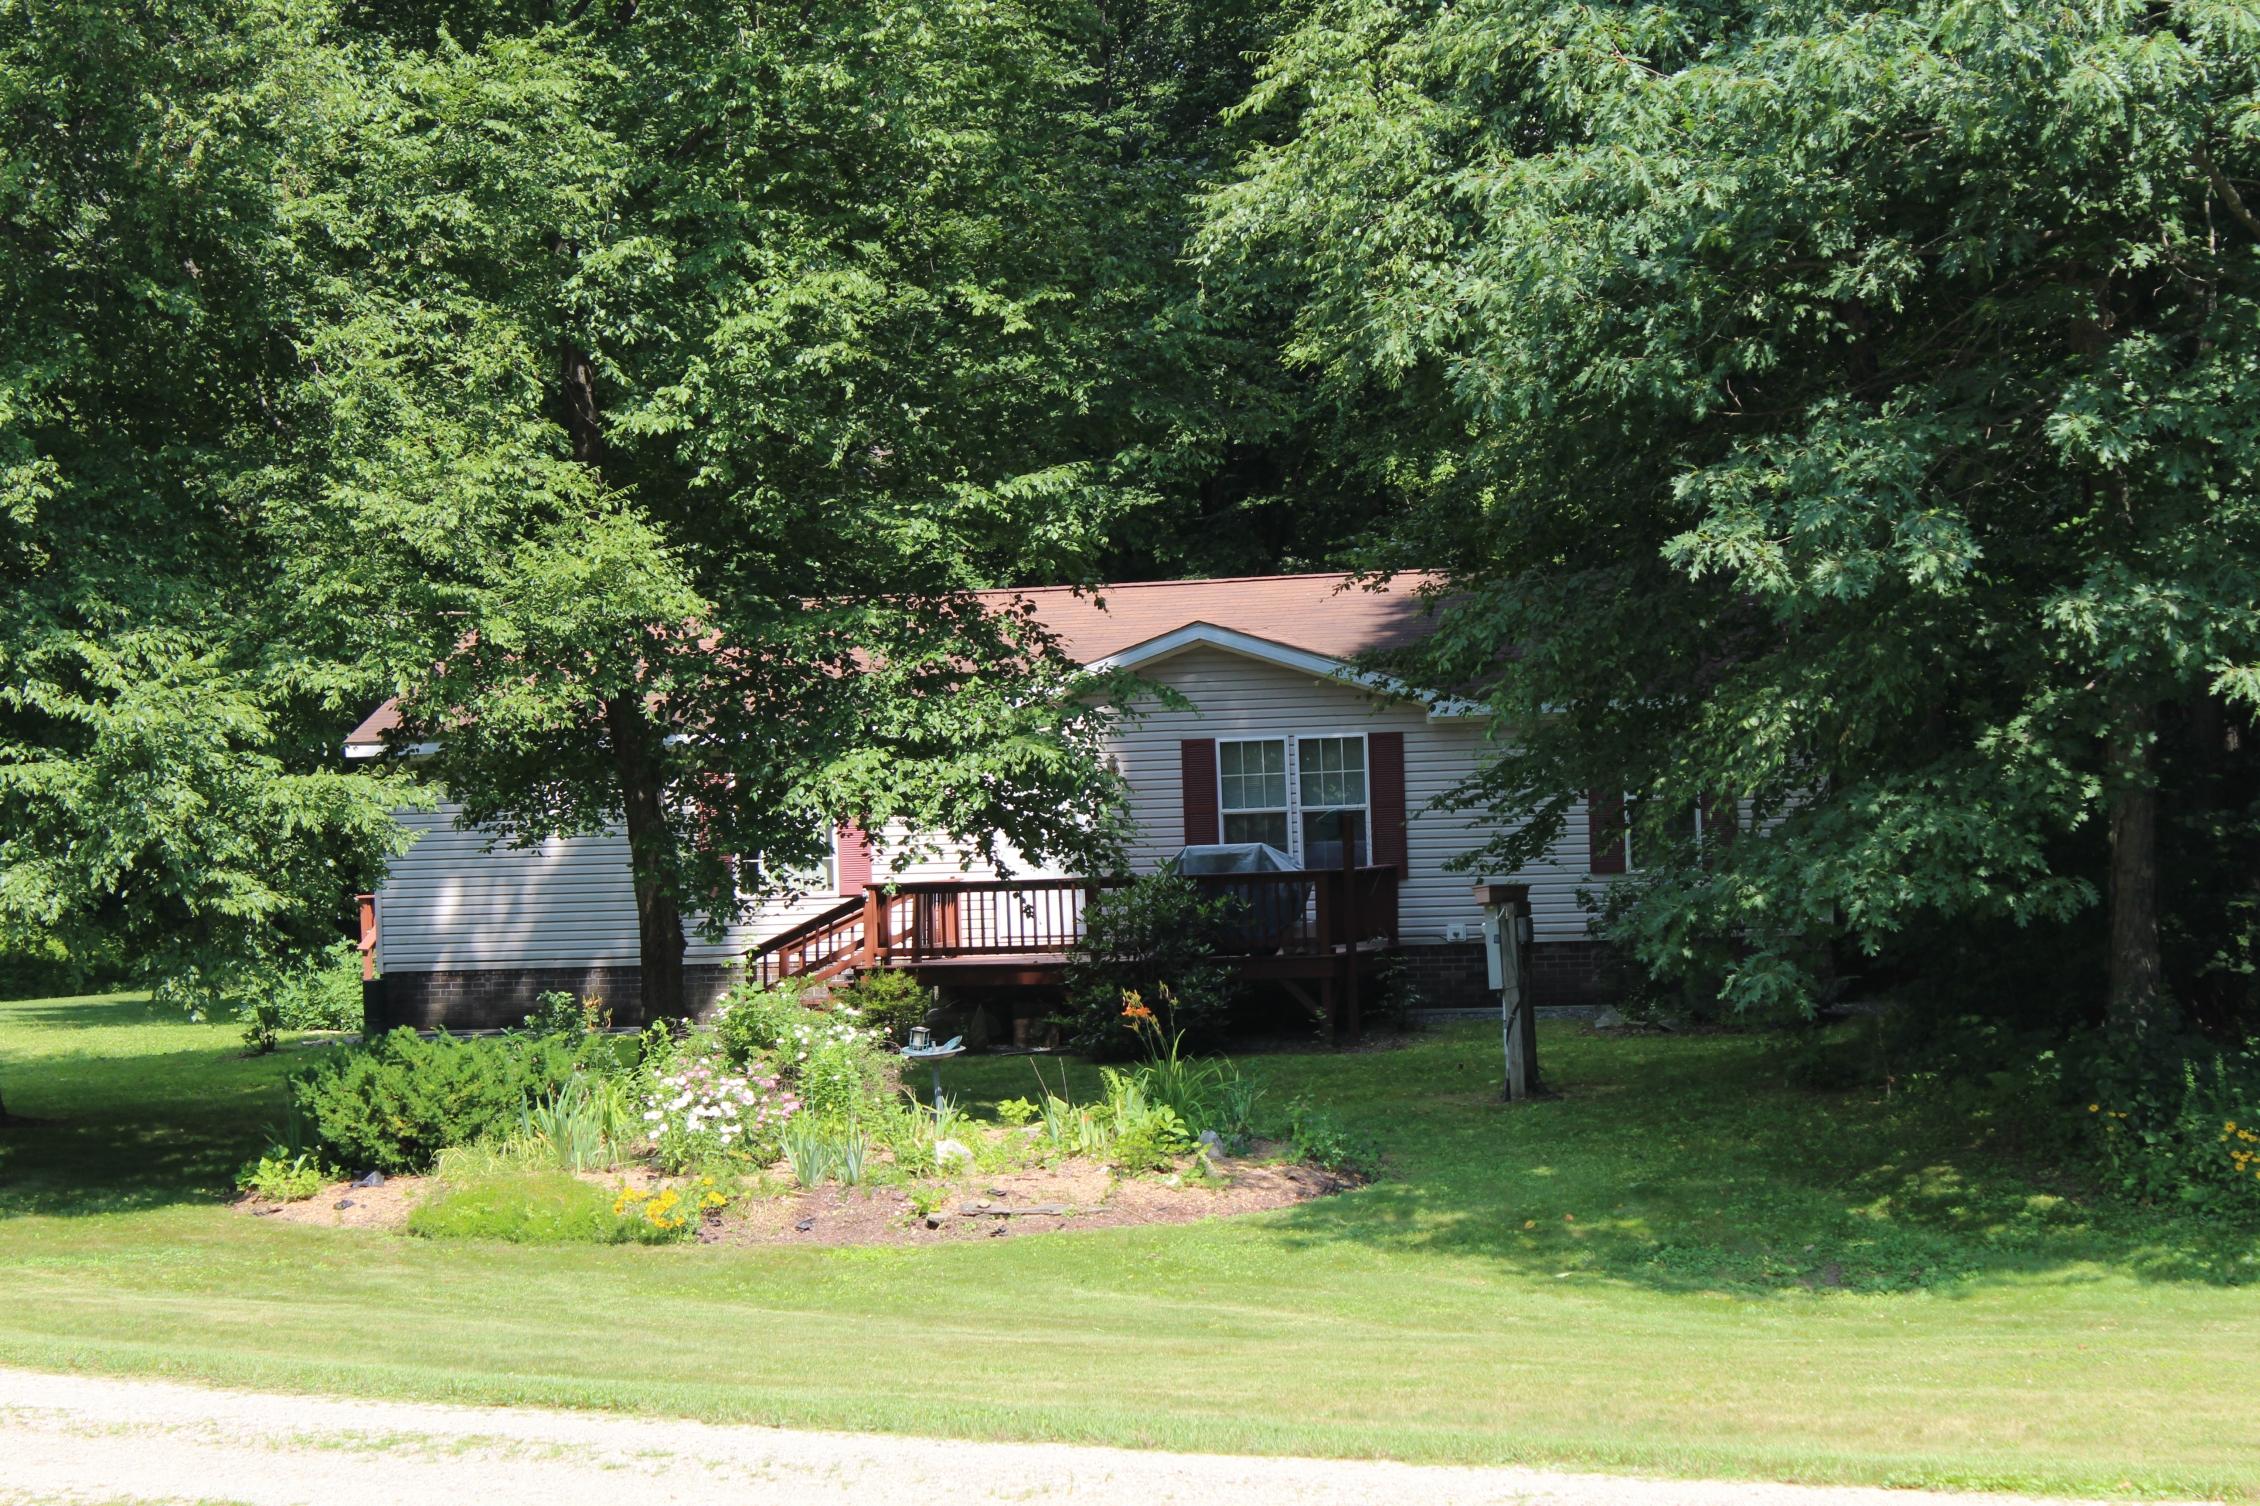 獨棟家庭住宅 為 出售 在 130 Cherry Lane, Weathersfield 130 Cherry Ln Weathersfield, 佛蒙特州, 05030 美國